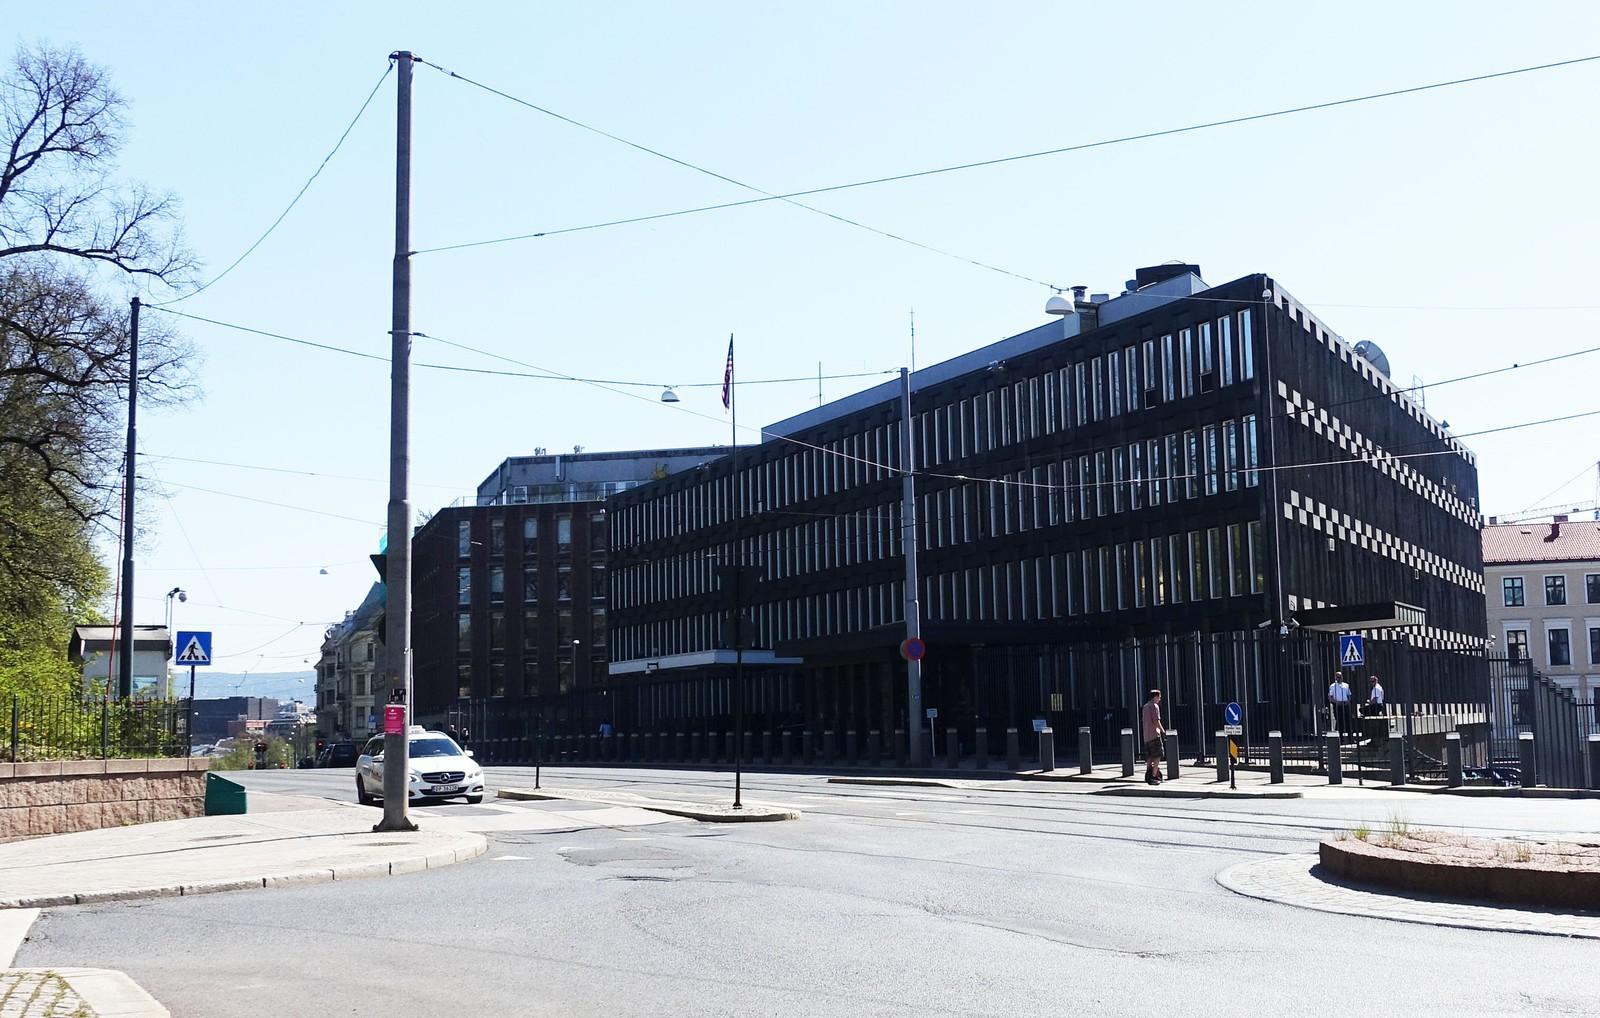 Eero Saarinen var opptatt av at bygget skulle passe inn i omgivelsene. Derfor ble det bygget i kun fire etasjer. Fasaden speilet trærne i slottsparken. Den mørke kunststenen som er brukt skulle symbolisere en mann i kjole og hvitt. Saarinen ville at USA skulle fremstå som en gentleman i området.